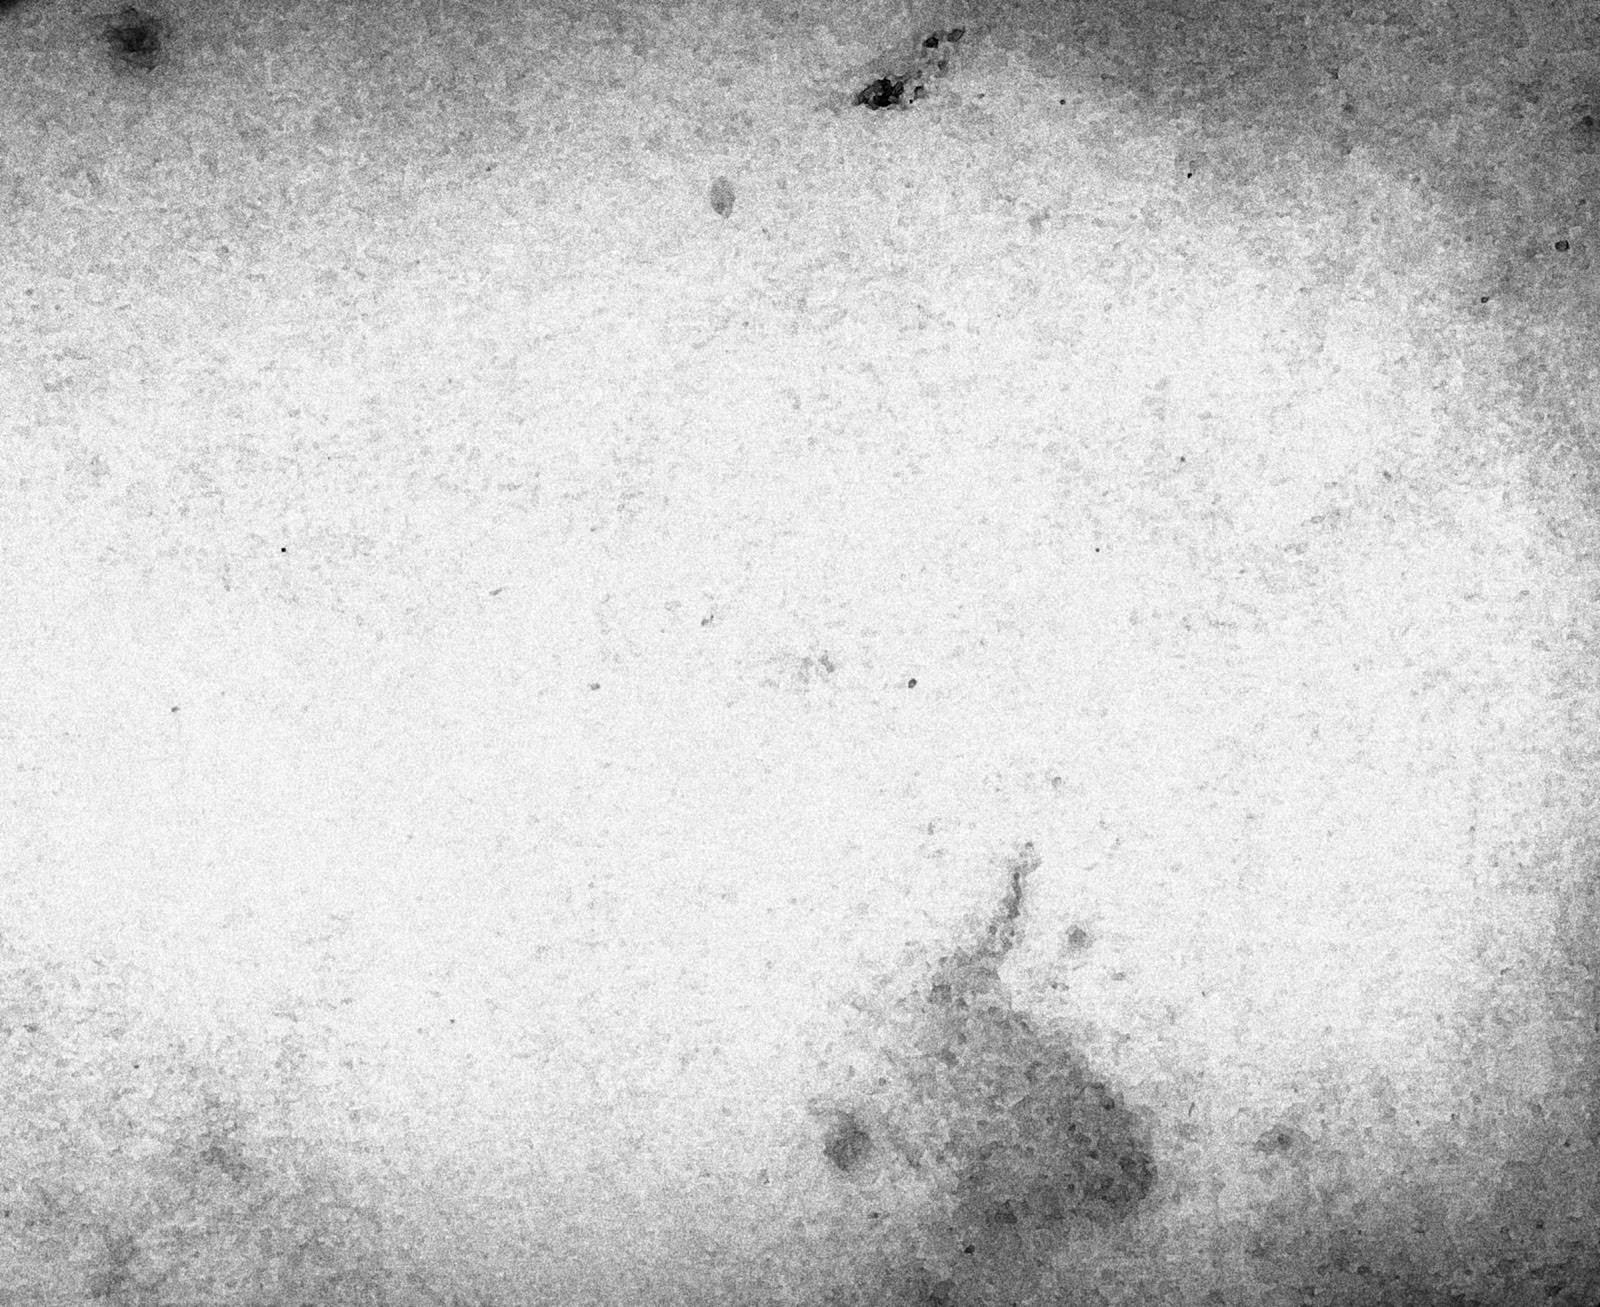 White Grunge Background